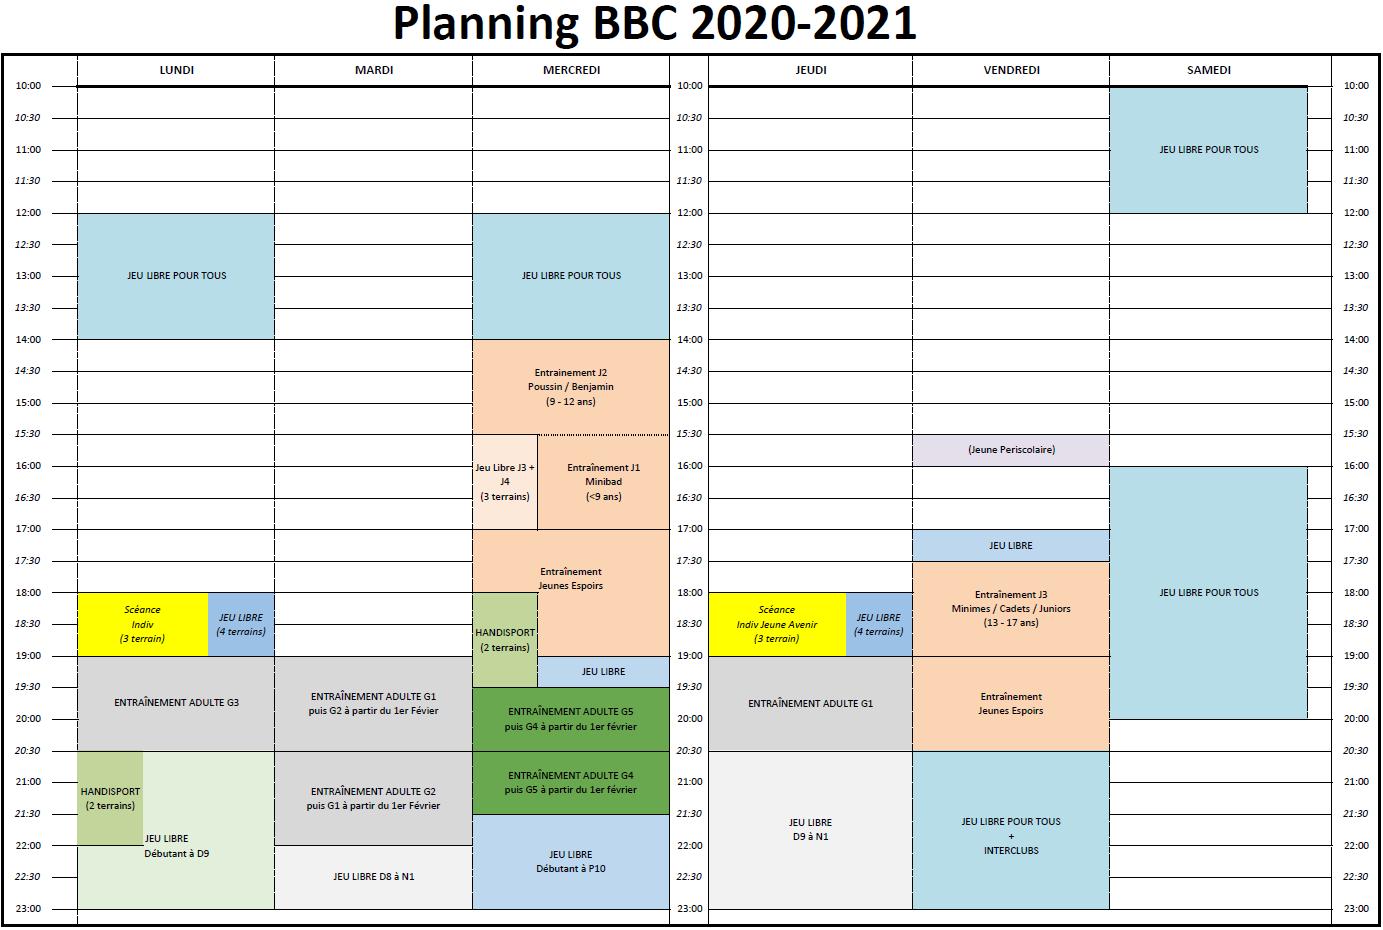 Planning BBC 2020-2021